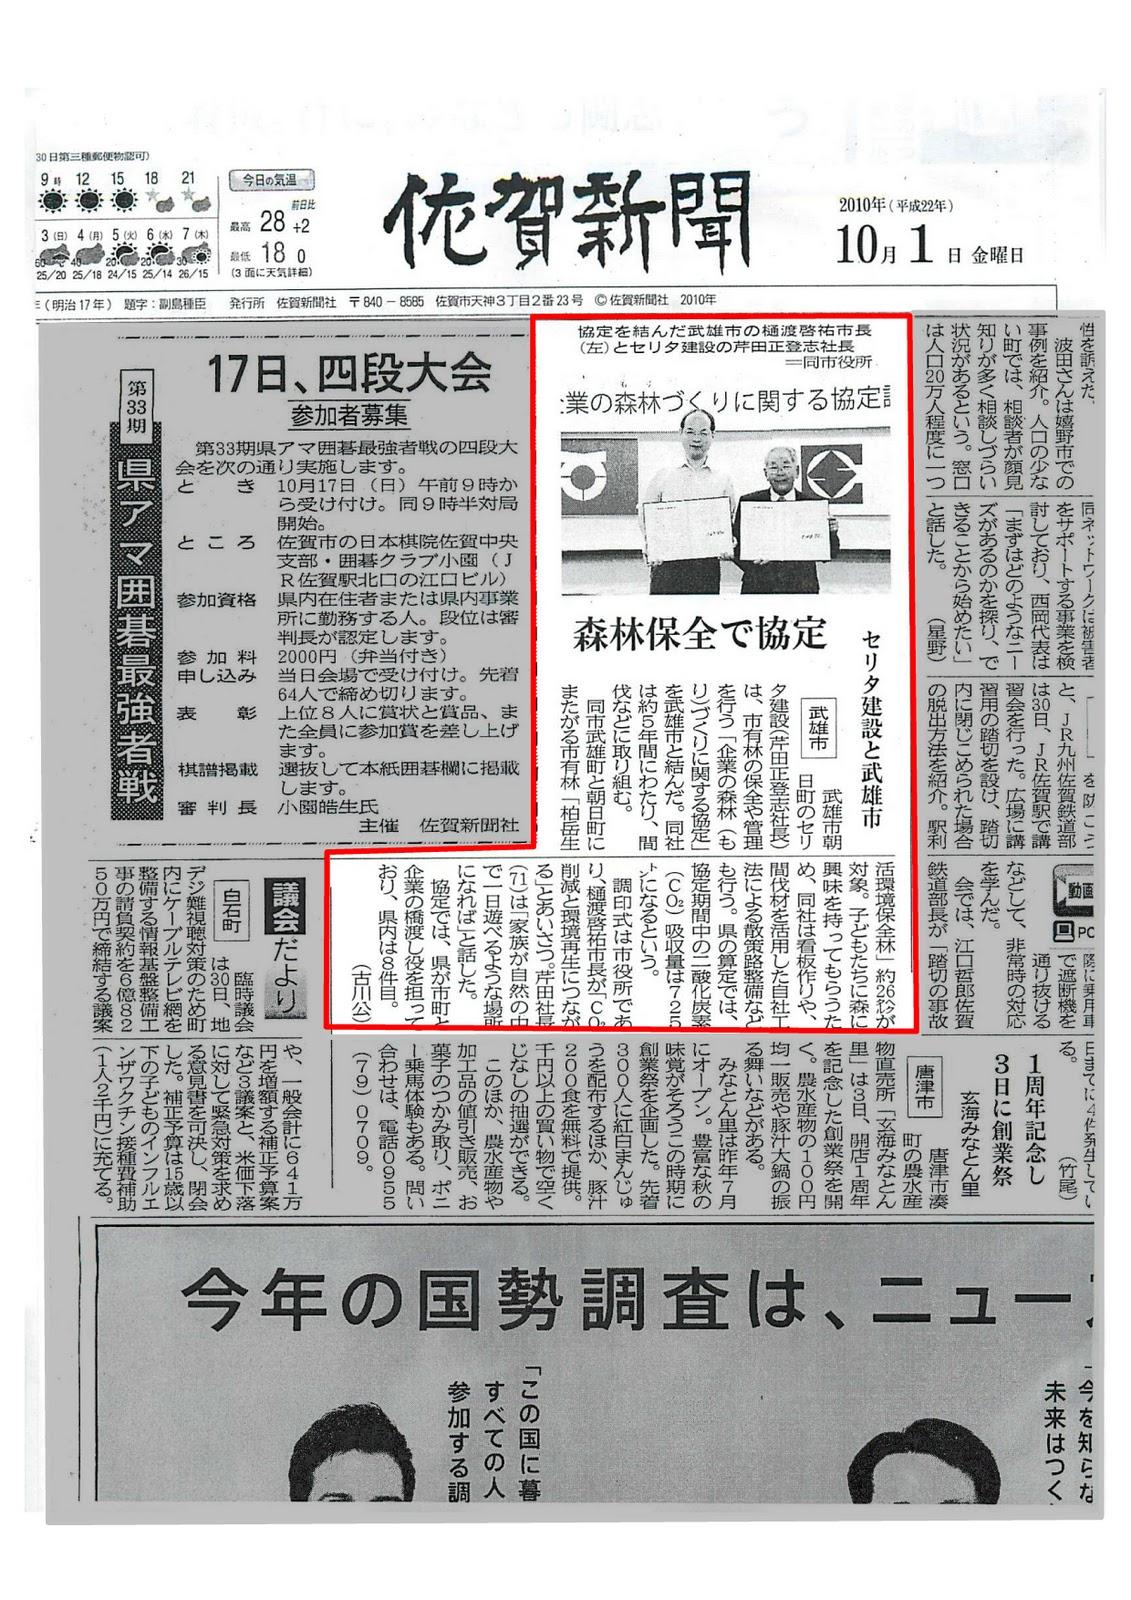 佐賀新聞(企業の森林づくり)掲載